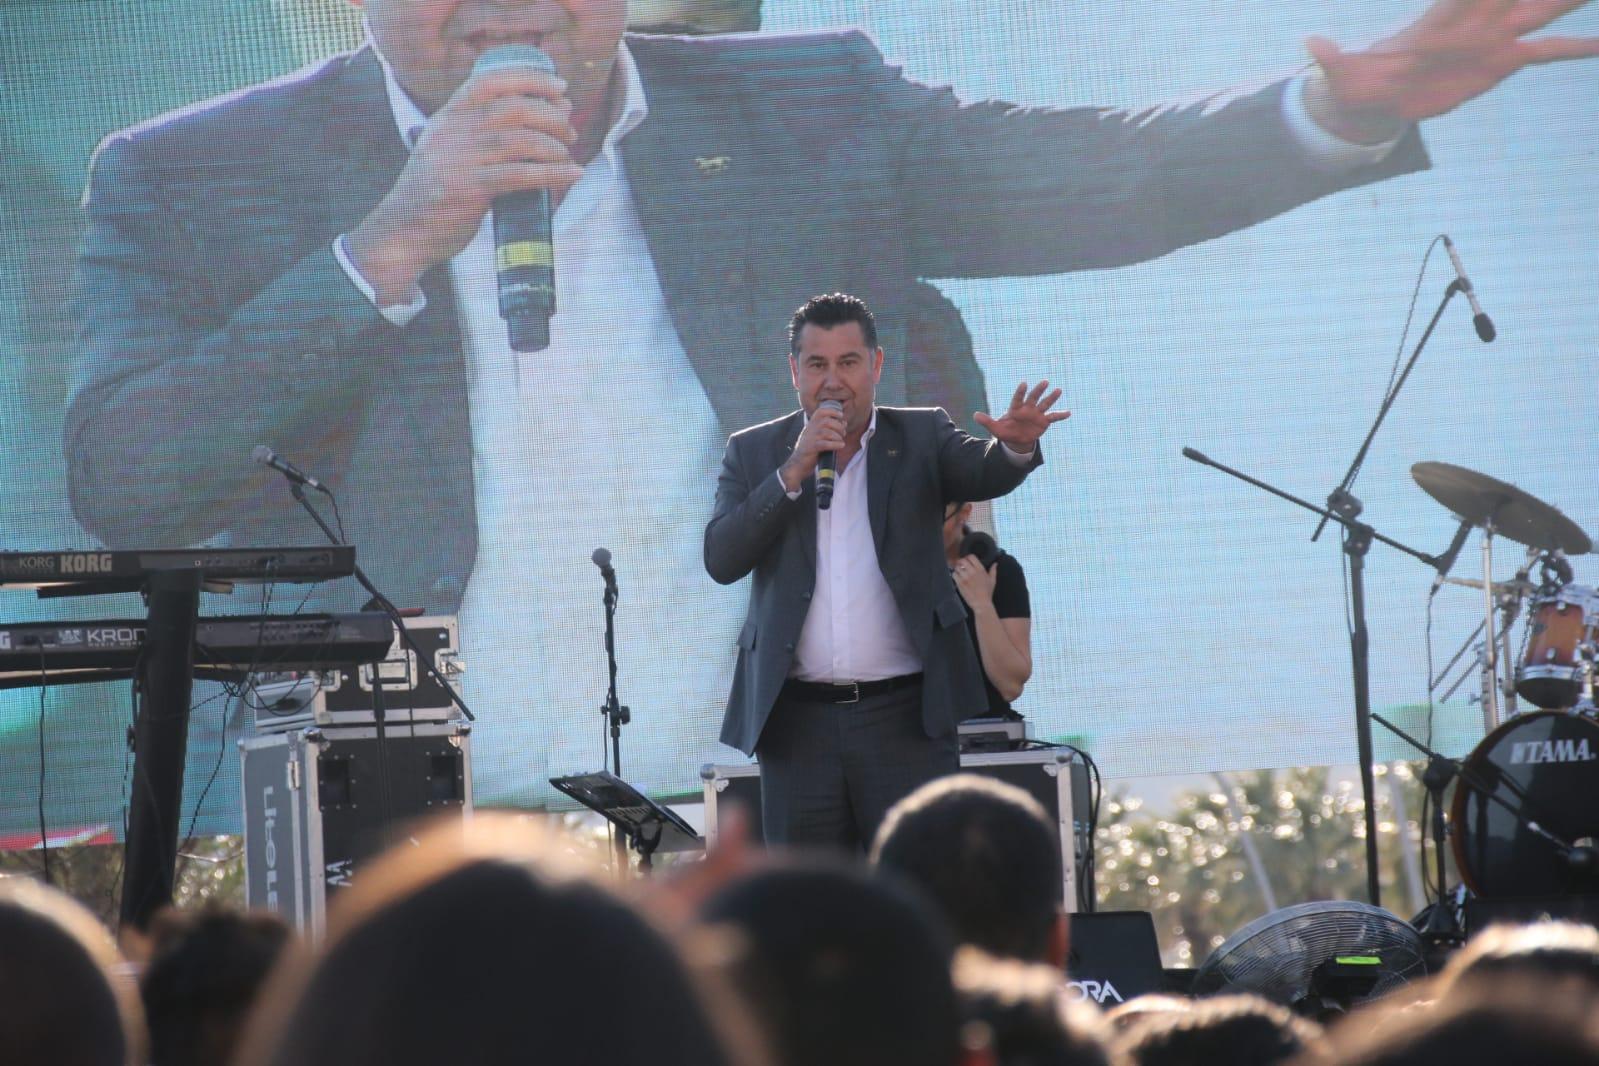 mehmet kocadon marmariste MARMARİS'TE MEHMET KOCADON SEVGİSİ MARMARIS MEHMET KOCADON 15